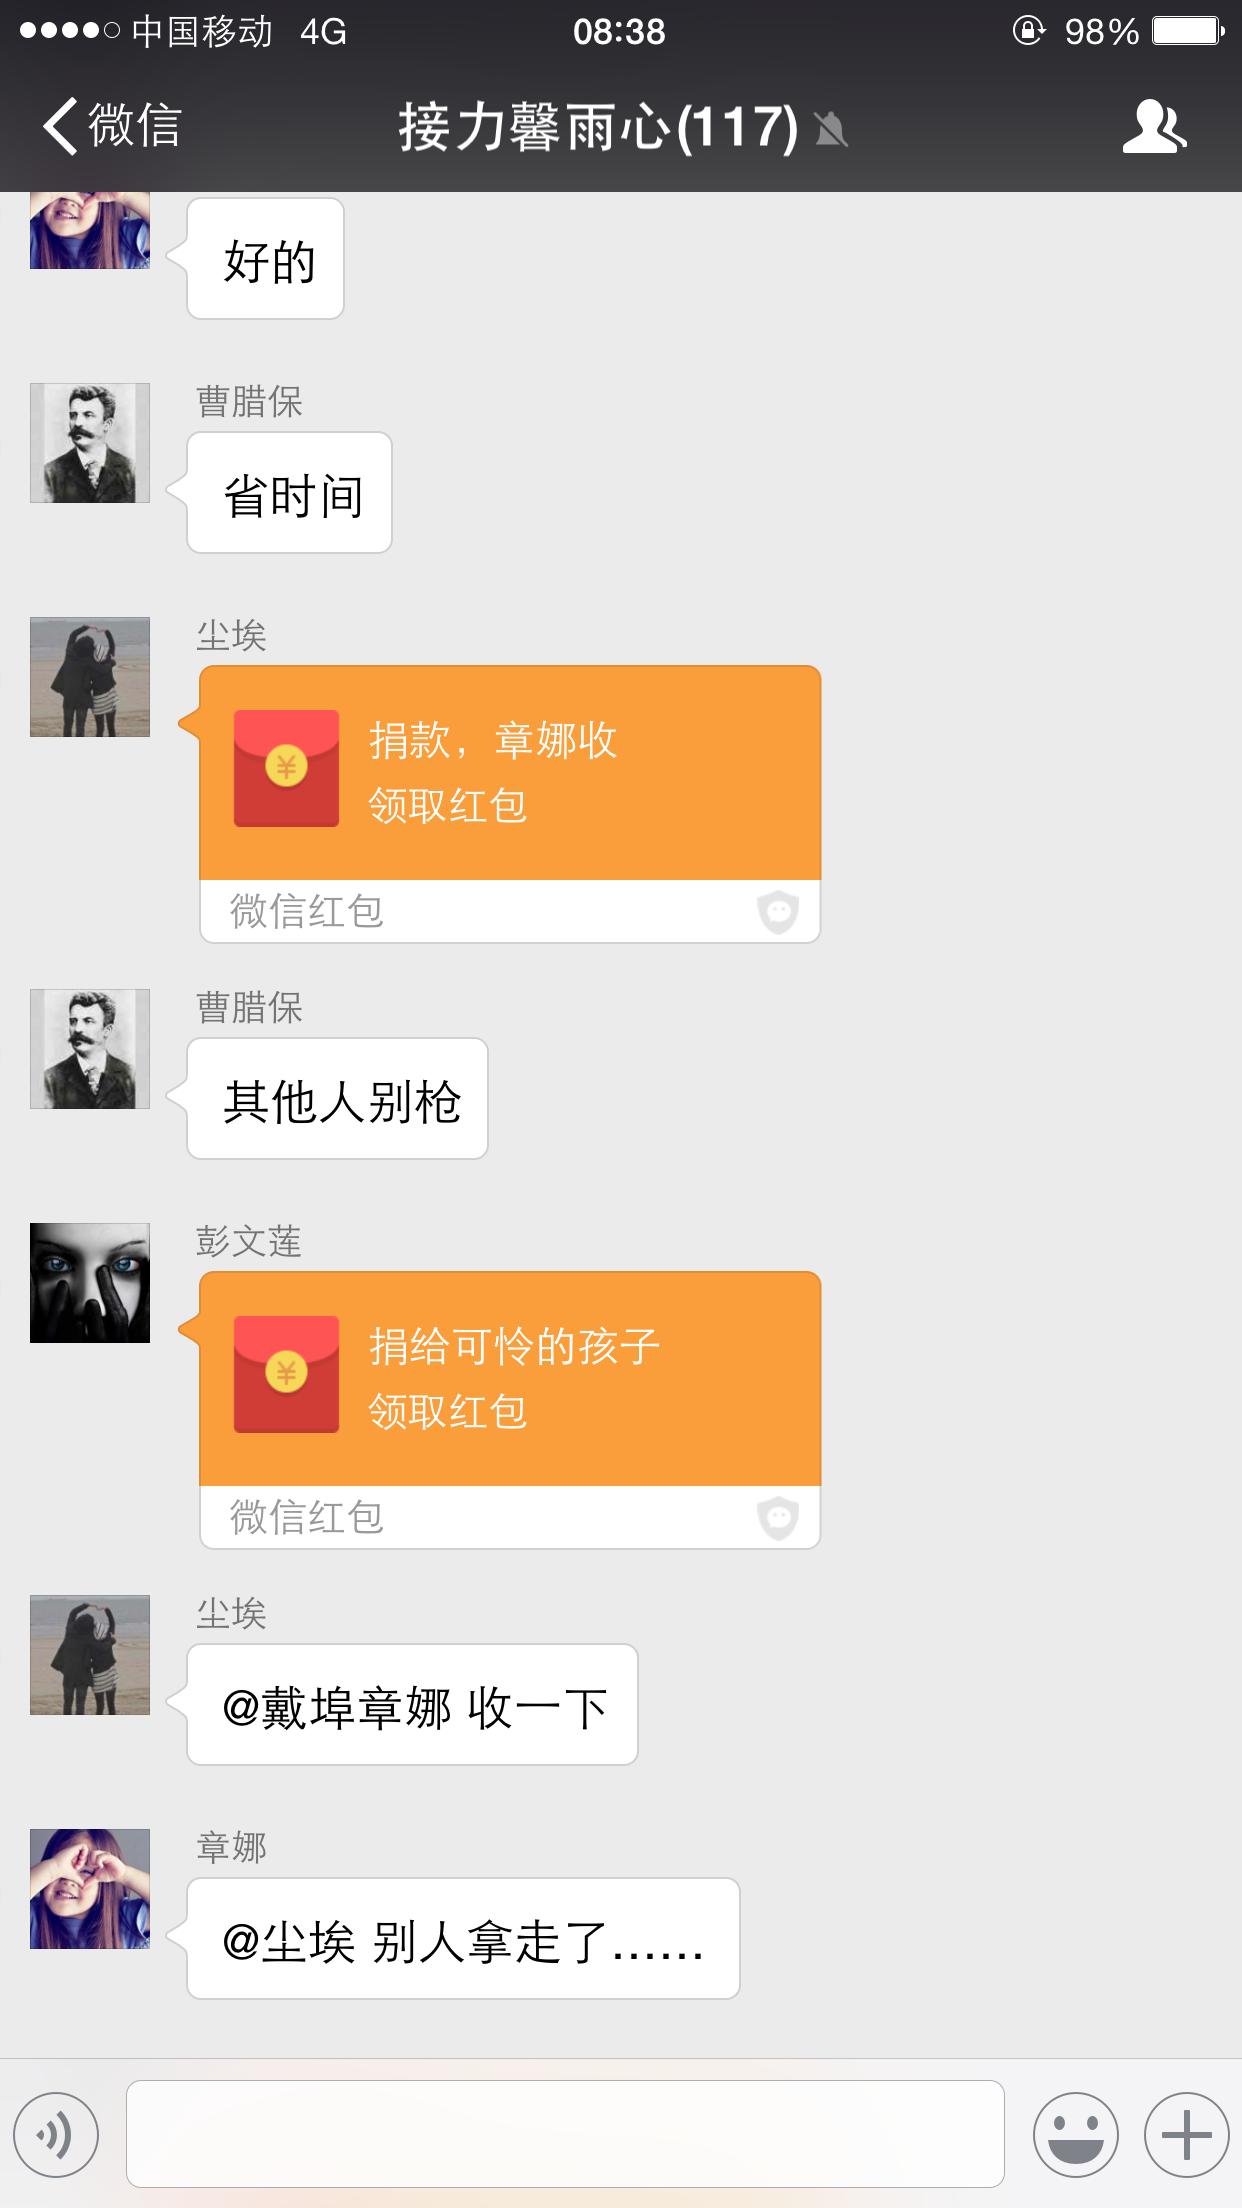 """溧阳百名民警微信""""红包接力"""" 为重病女童捐款上万 ..."""